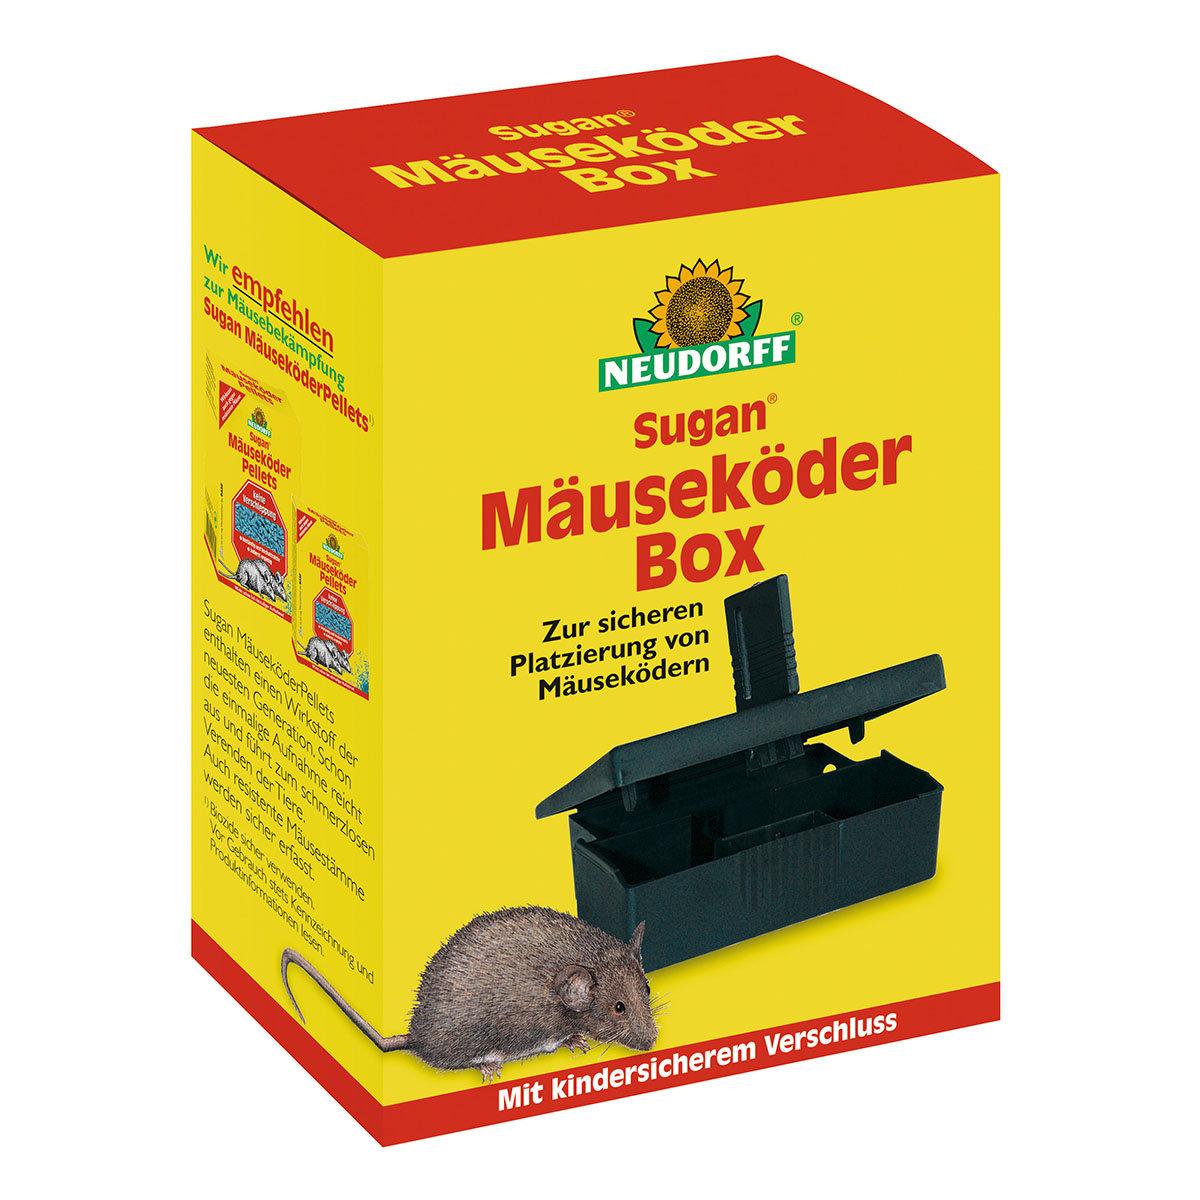 Sugan Mäuseköder Box, 1 Stück